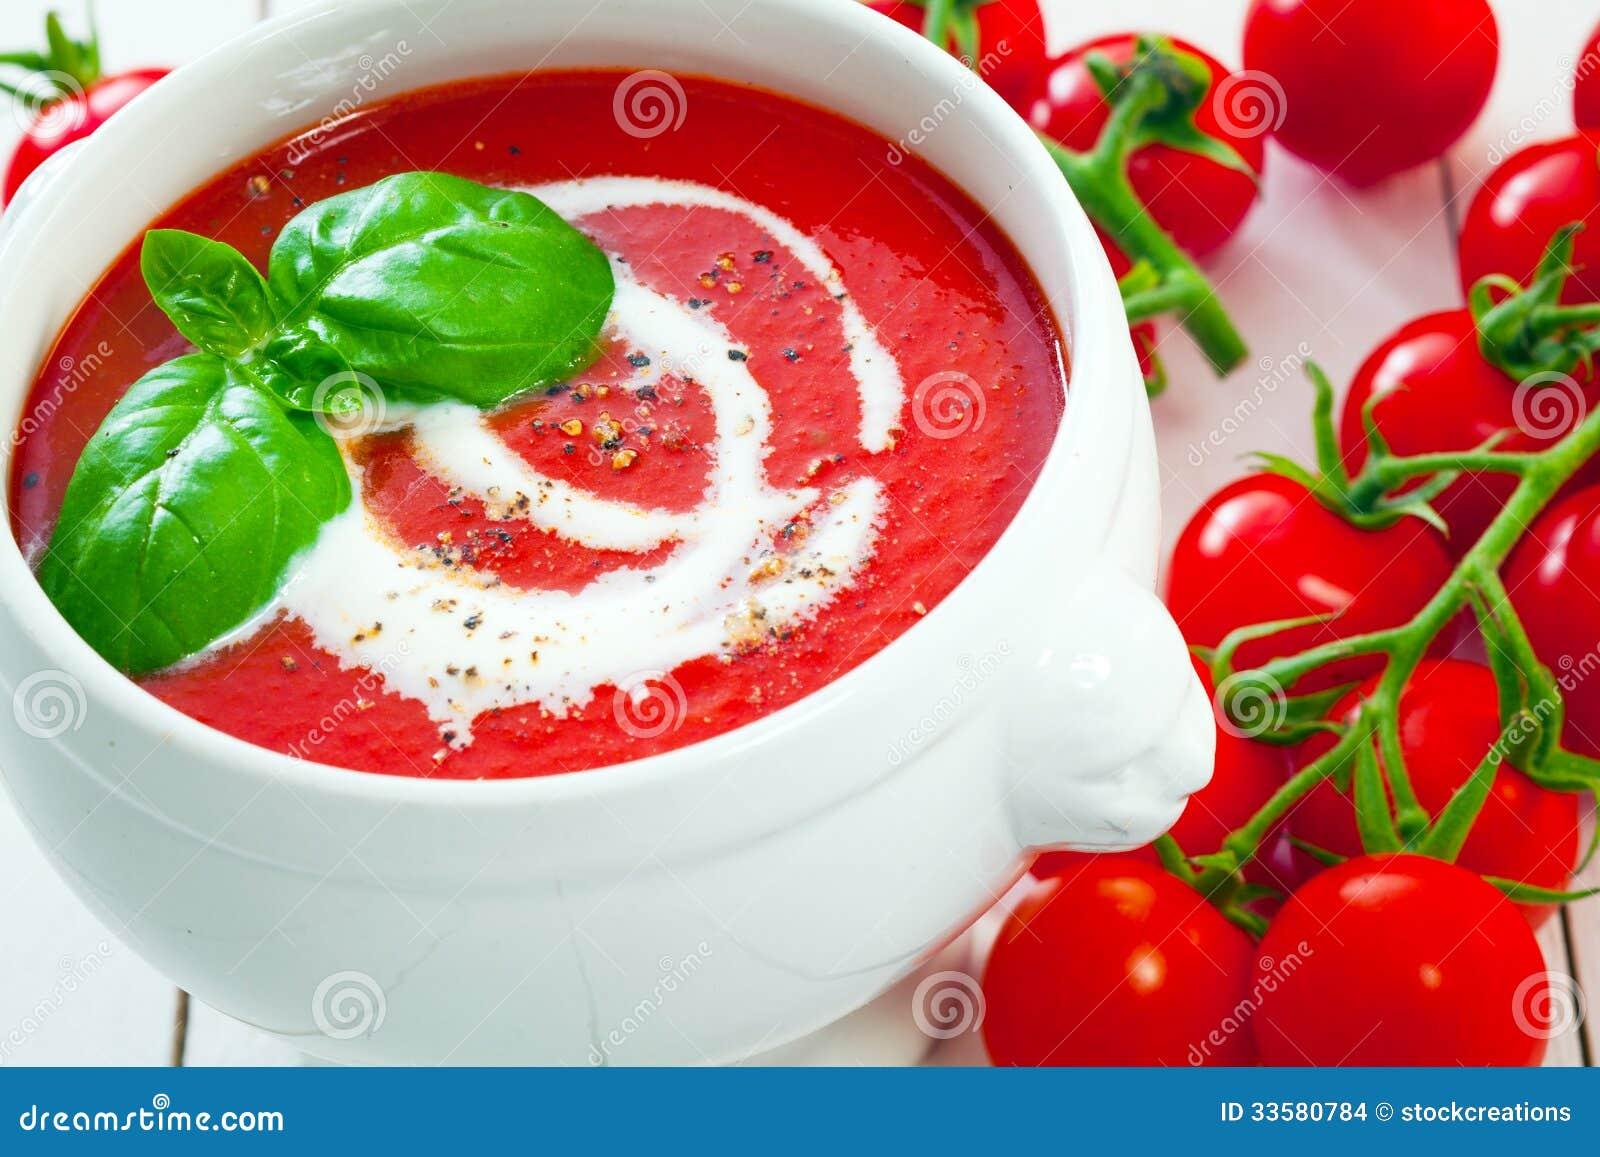 Frische Tomaten Mit Tomatensuppe Stockfoto Bild Von